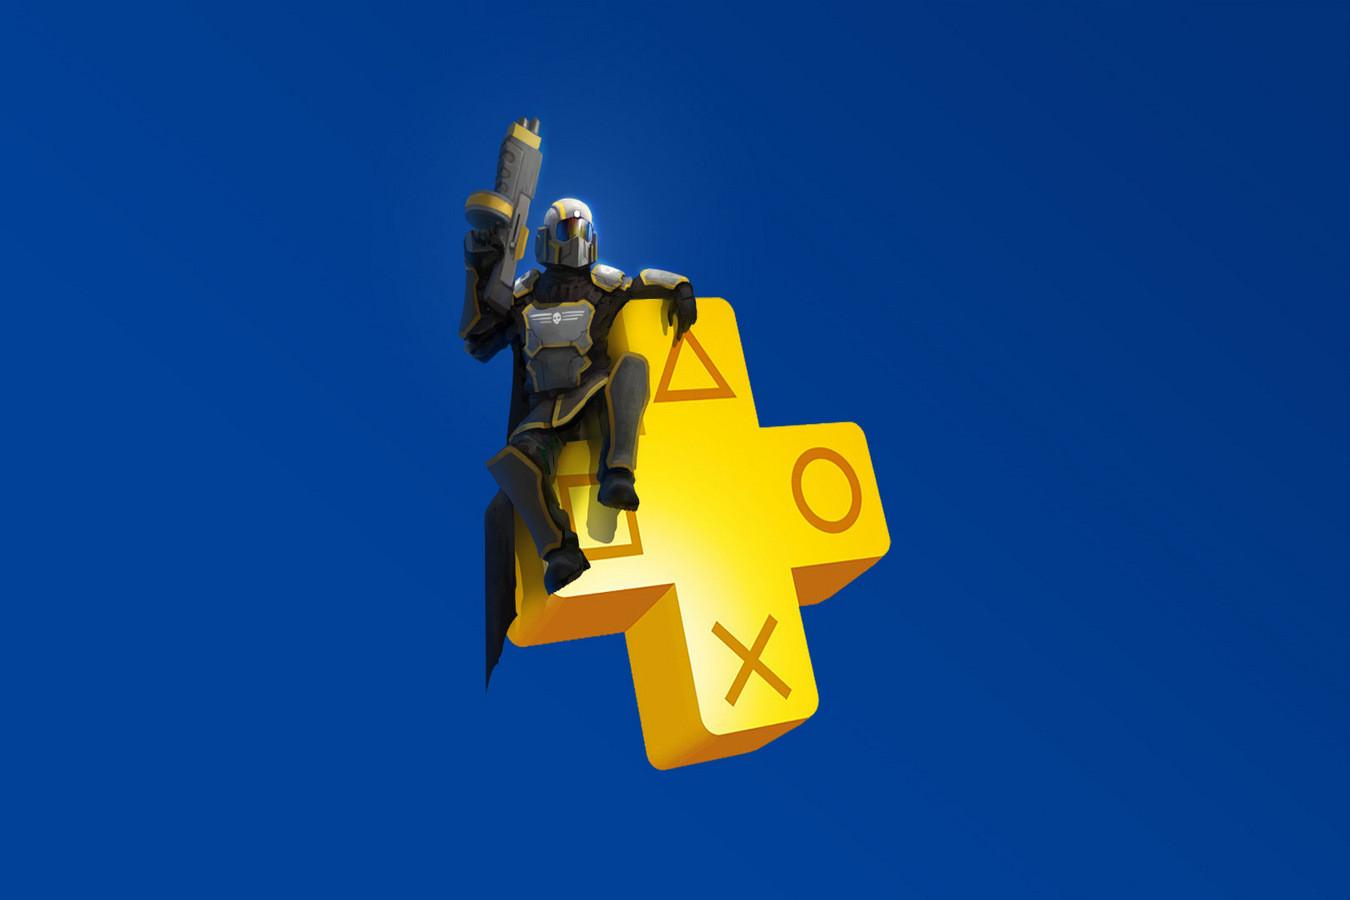 Бесплатные игры по подписке PS Plus Collection доступны не только на PS5, но и на PS4